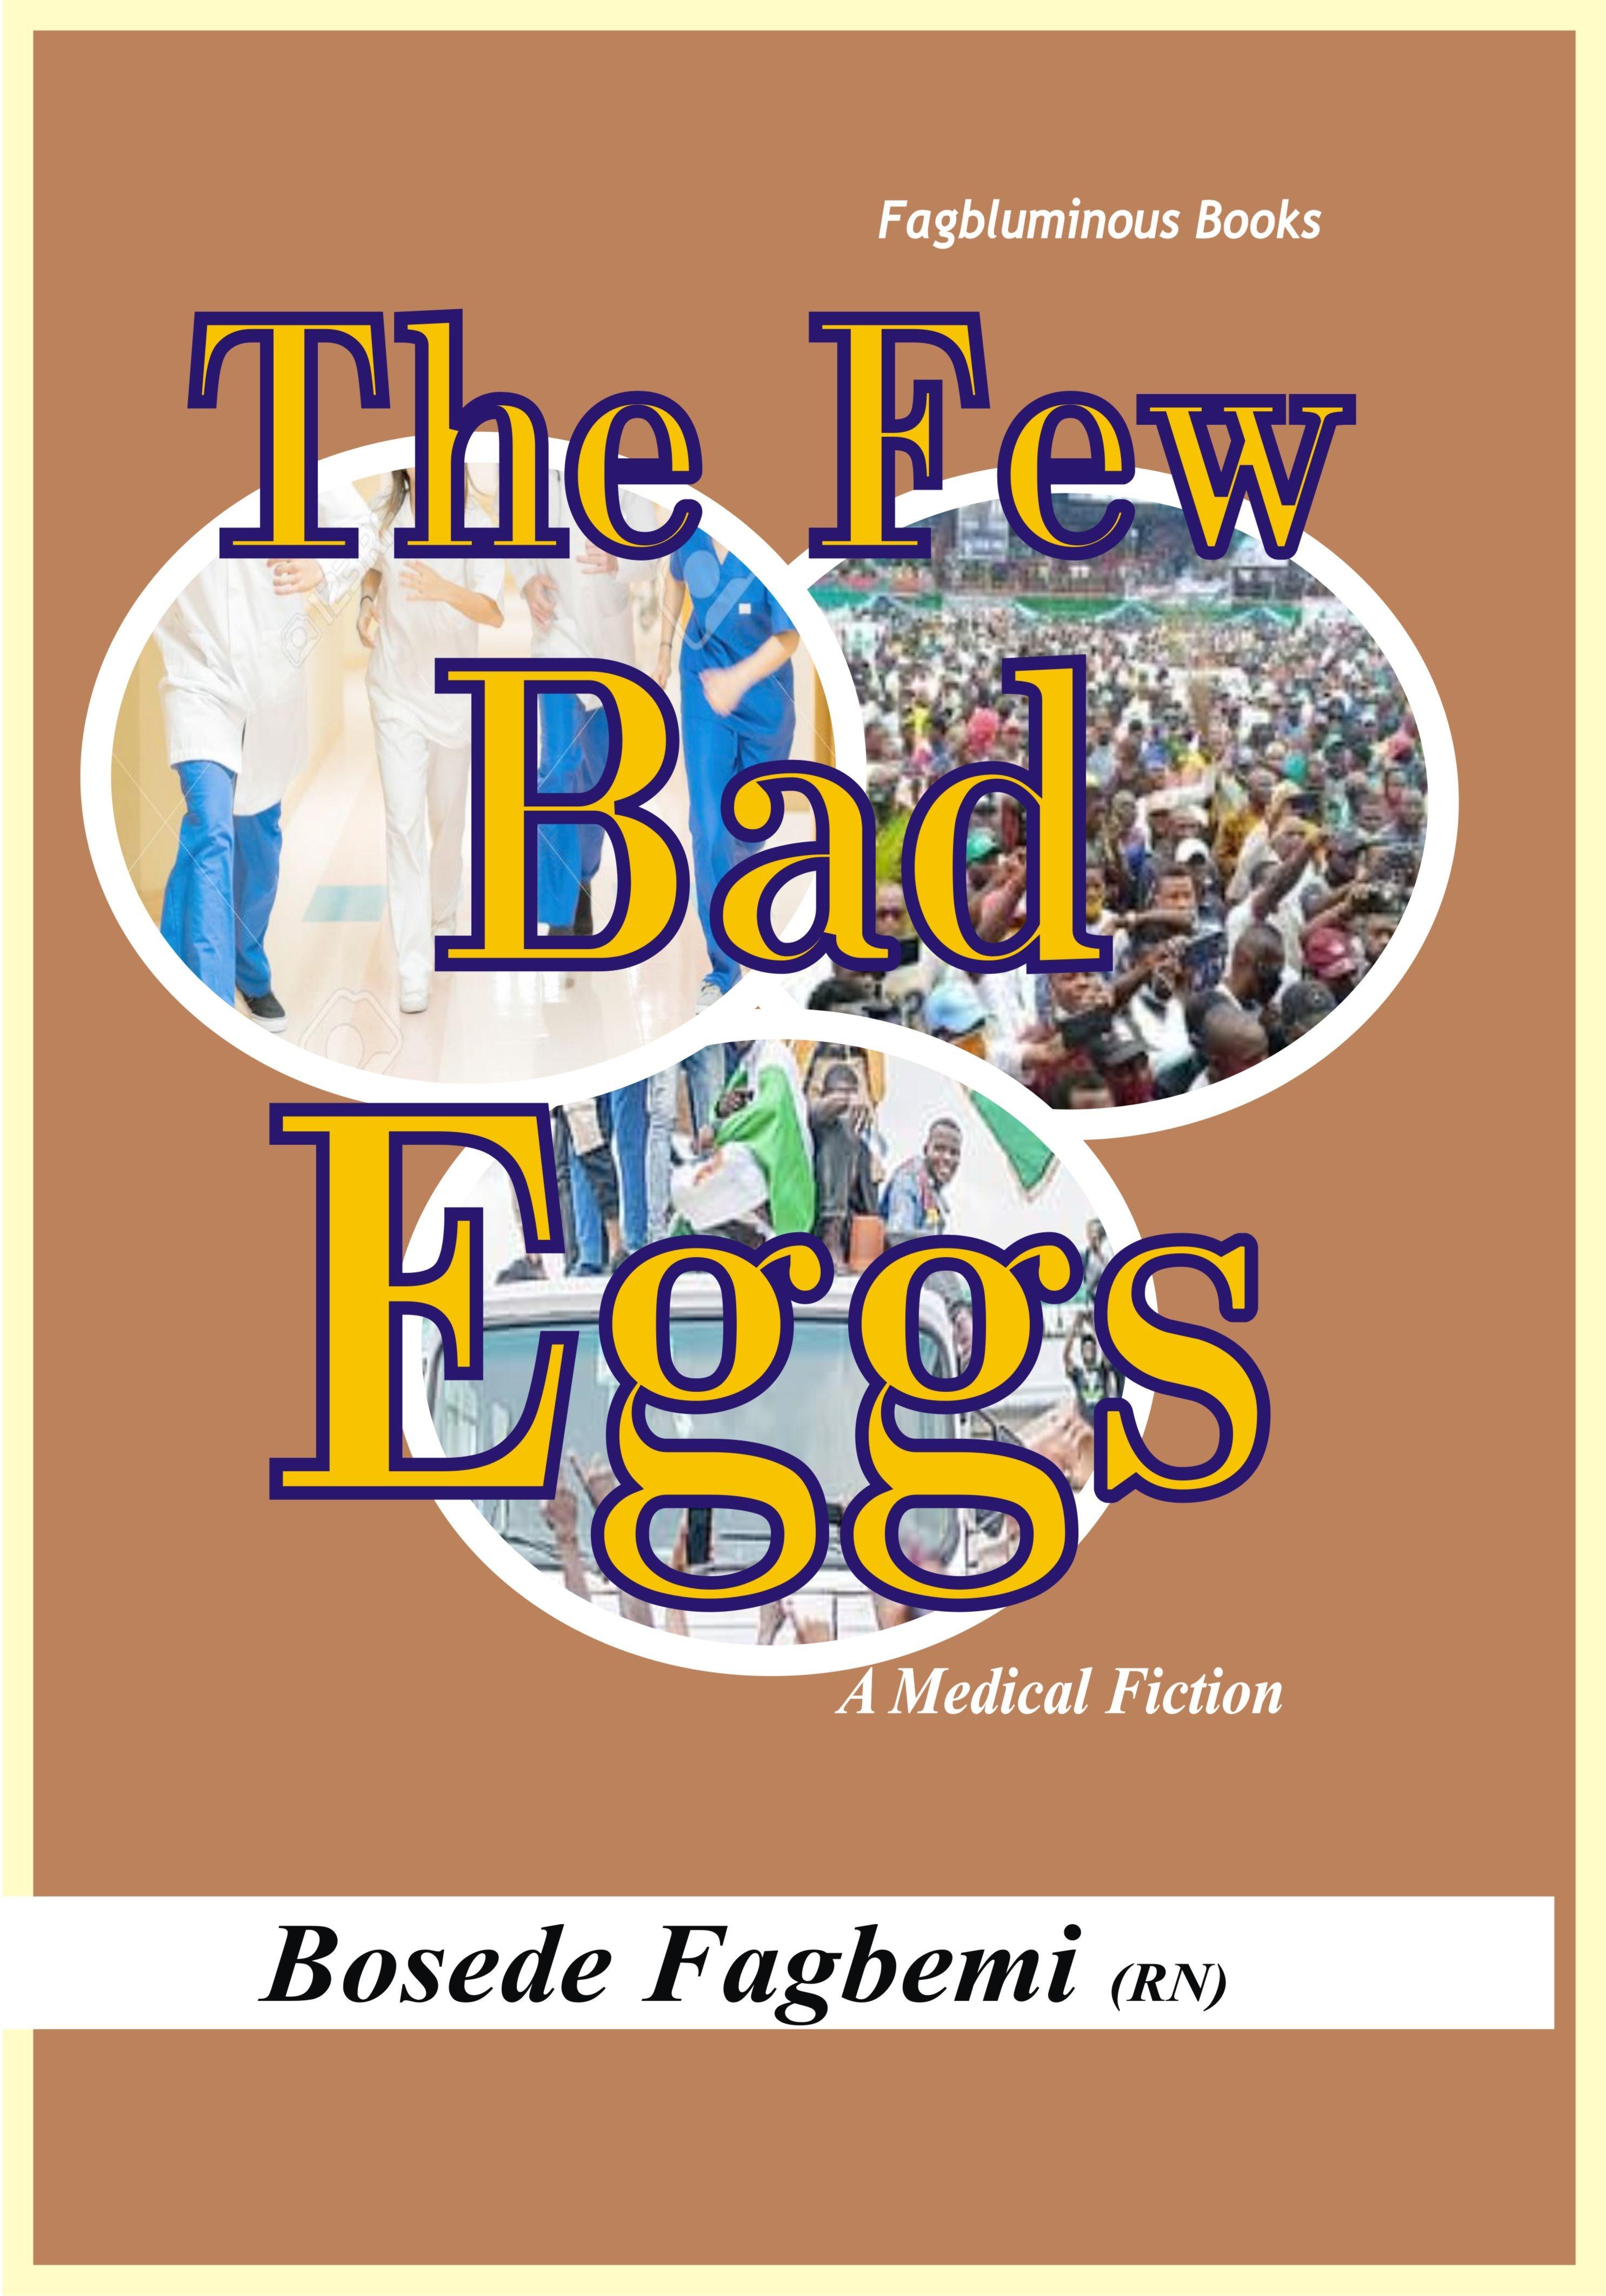 THE FEW BAD EGGS